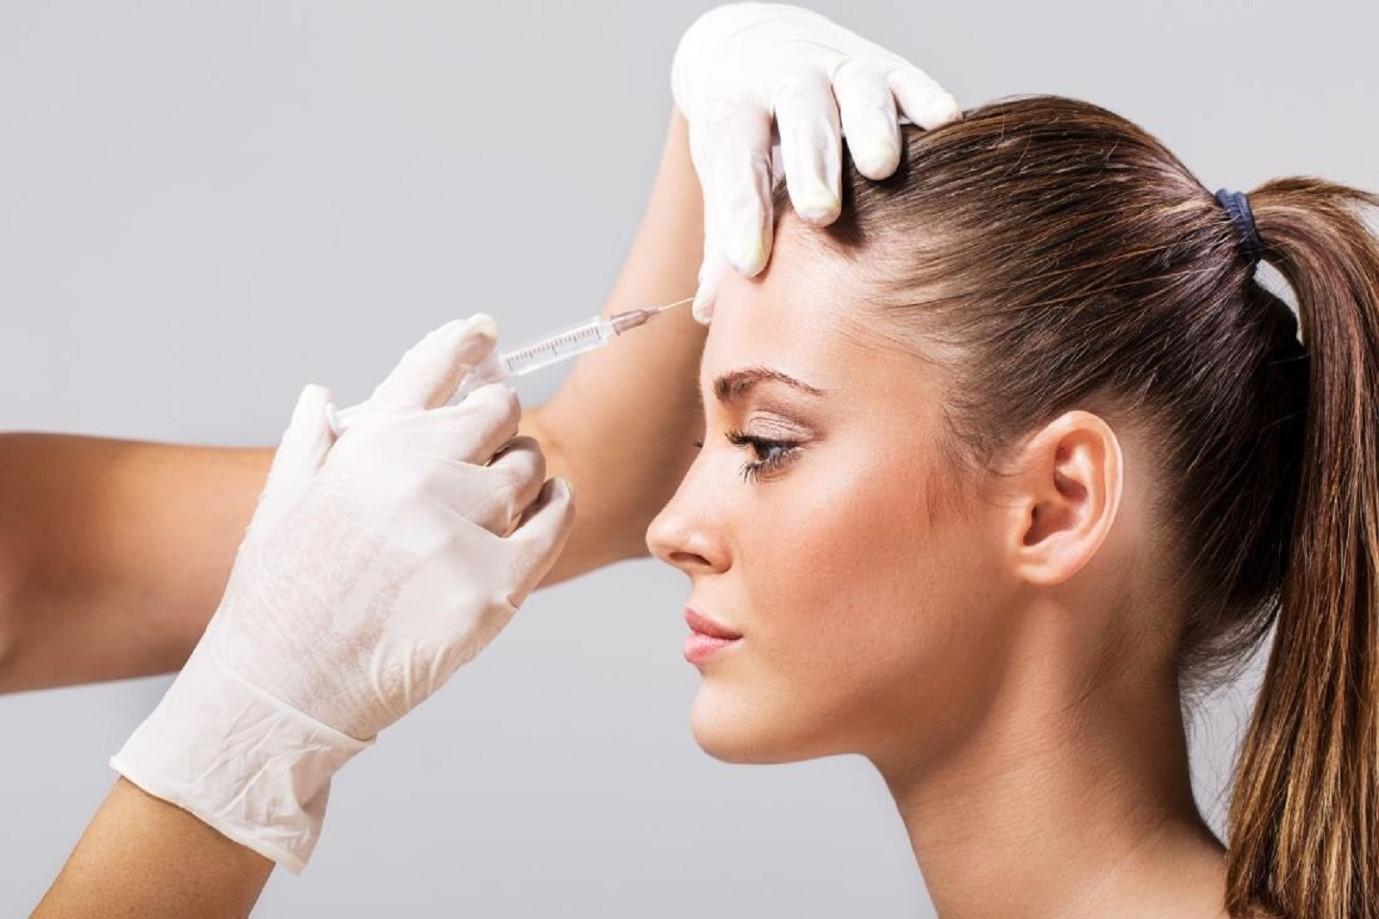 تزریق چربی به اجزای صورت تقریبا یک ساعت در هر جلسه زمان نیاز دارد